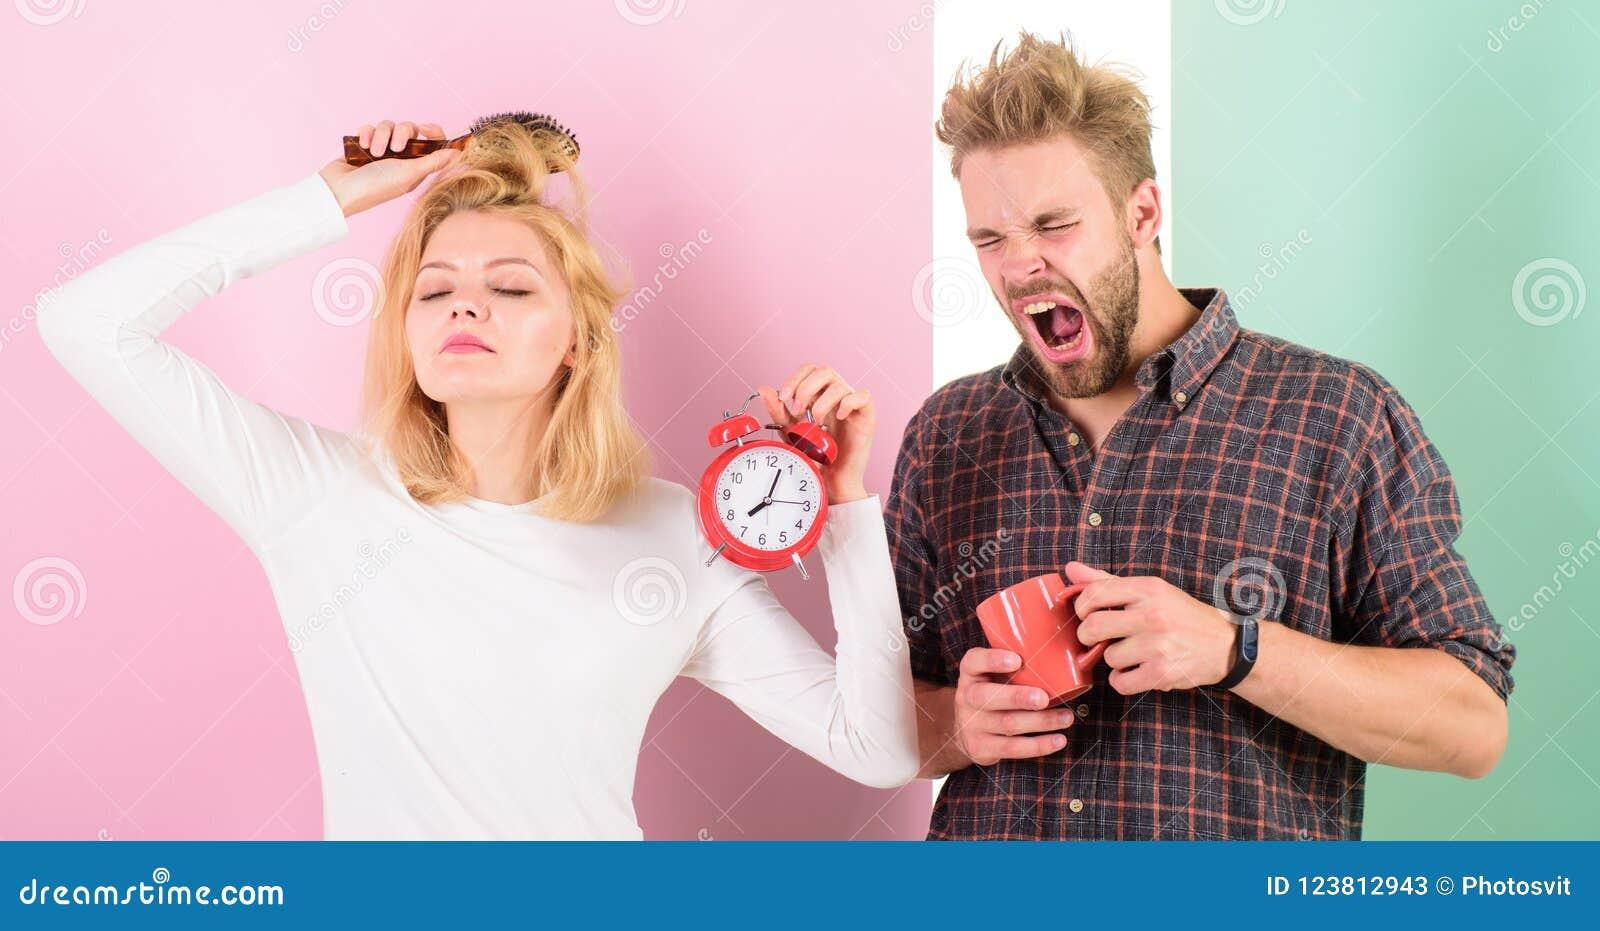 创造健康休息政权足够睡觉 遗憾晚政权 我们应该上床前 困的妇女和的人